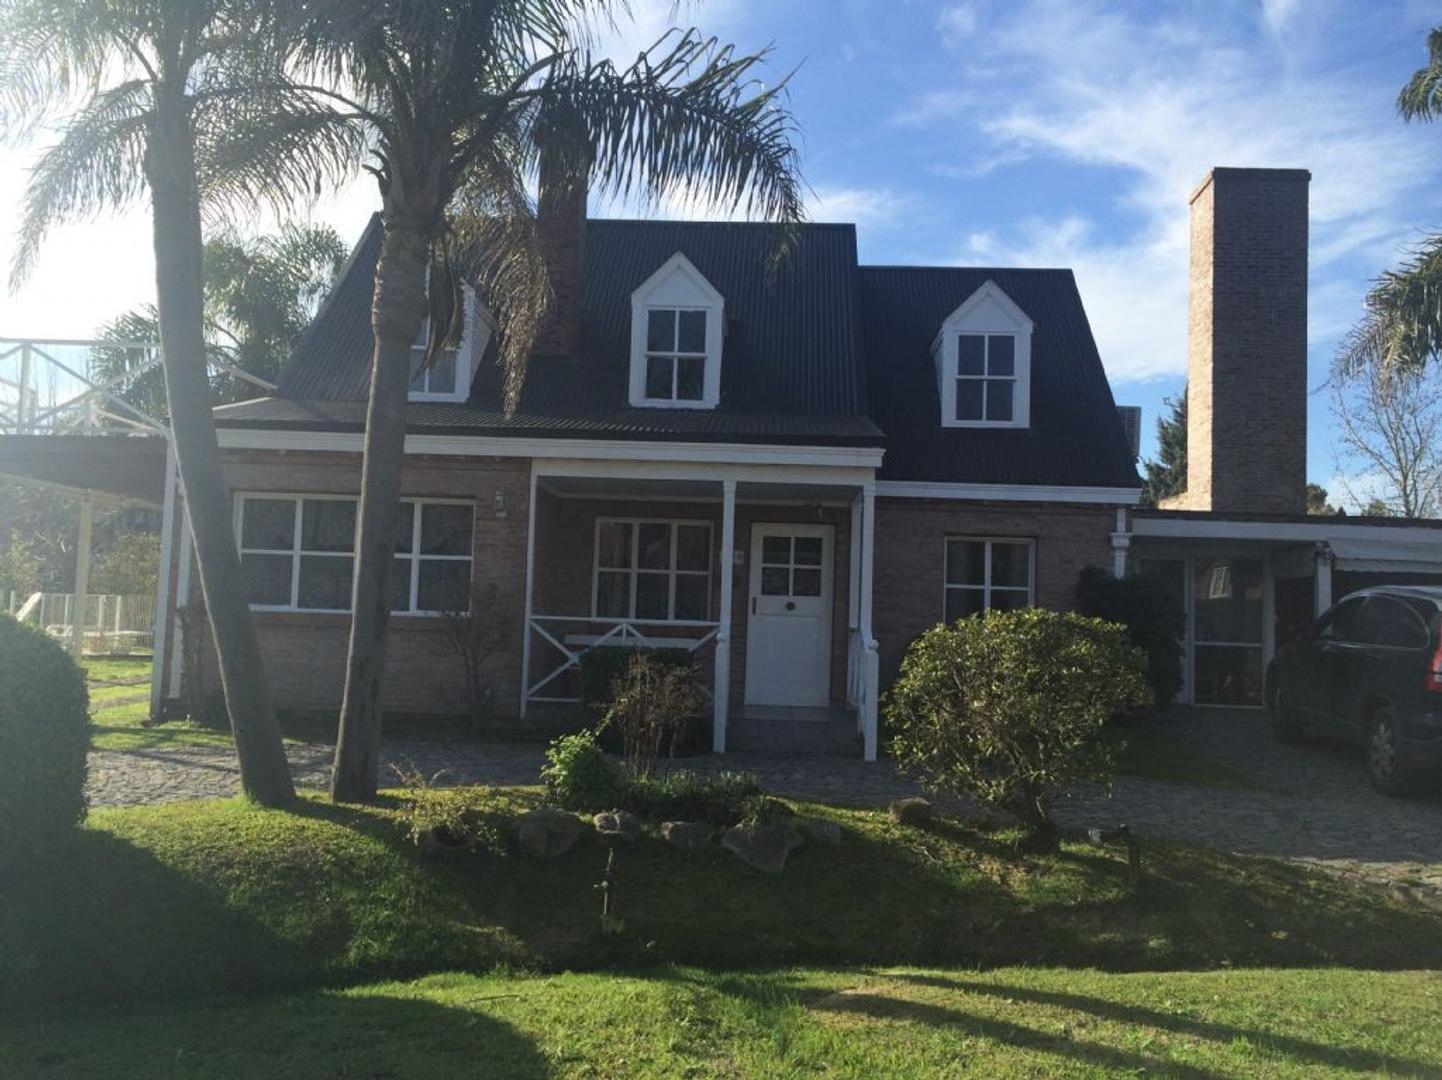 Casa  en Venta  C.C. Banco Provincia, Zona Oeste - OES0234_LP64686_1